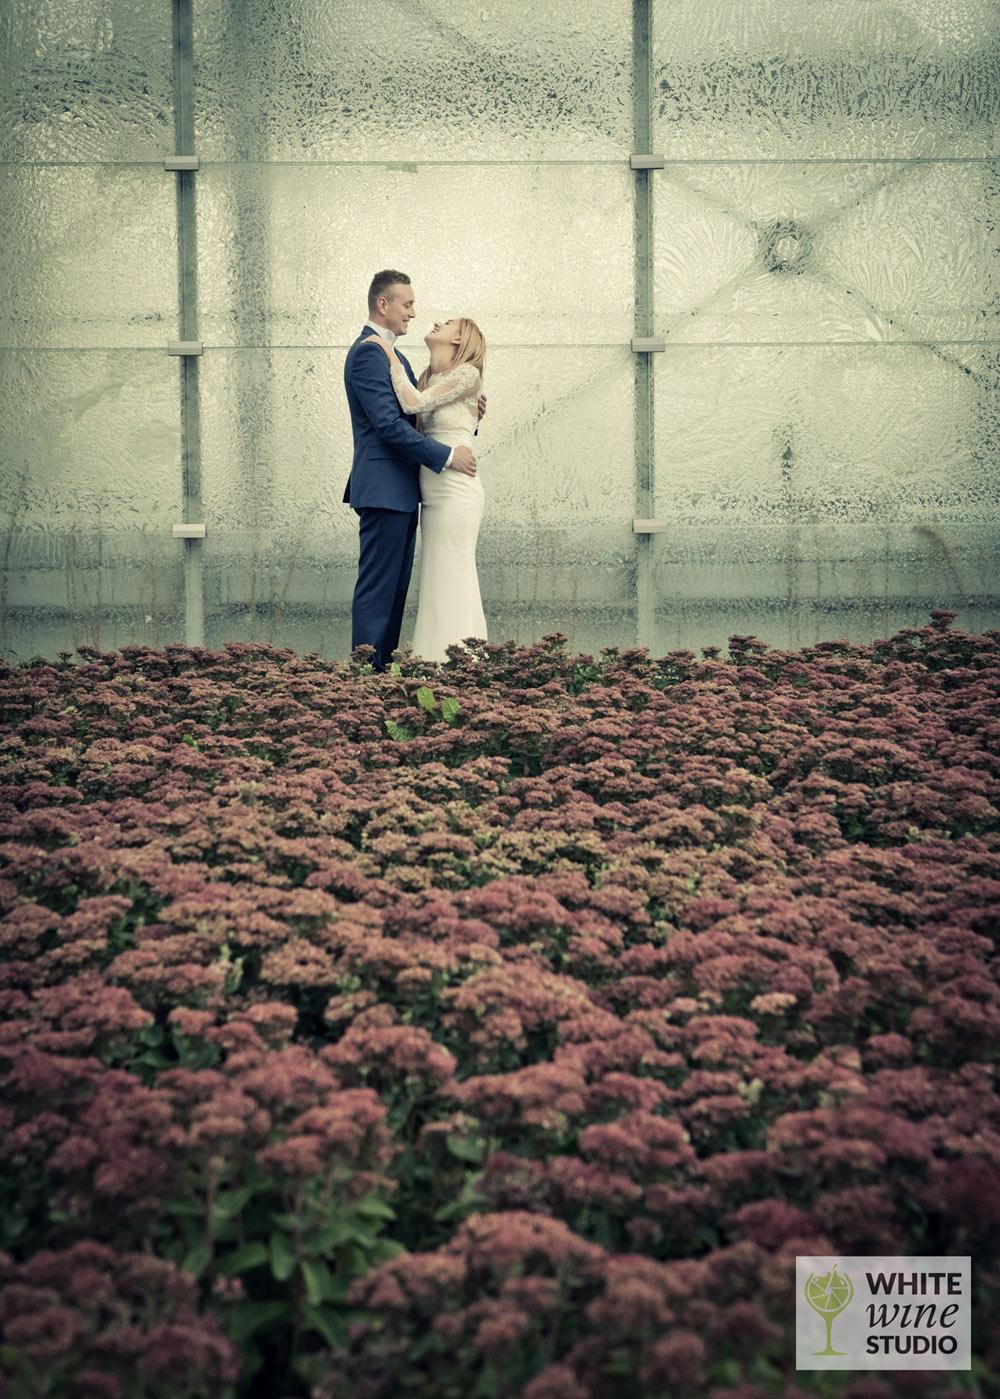 White-Wine-Studio_Wedding-Photography_Dawid-Markiewicz_39